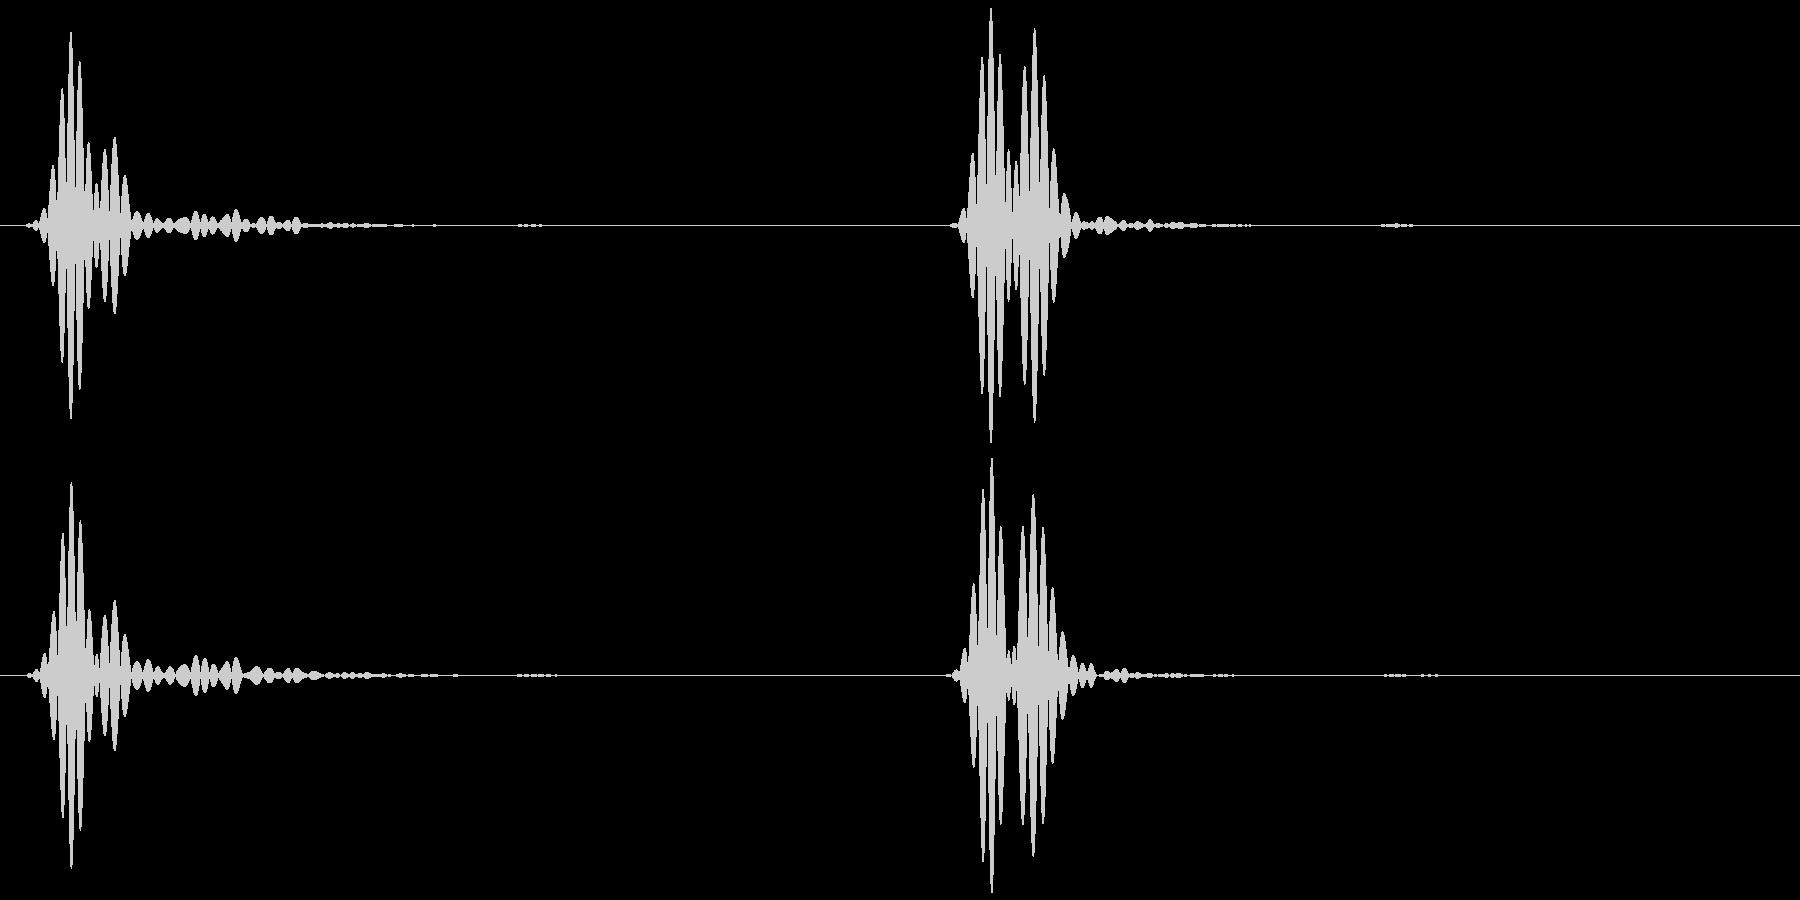 心臓の音 (ドックッ ゆっくり)の未再生の波形